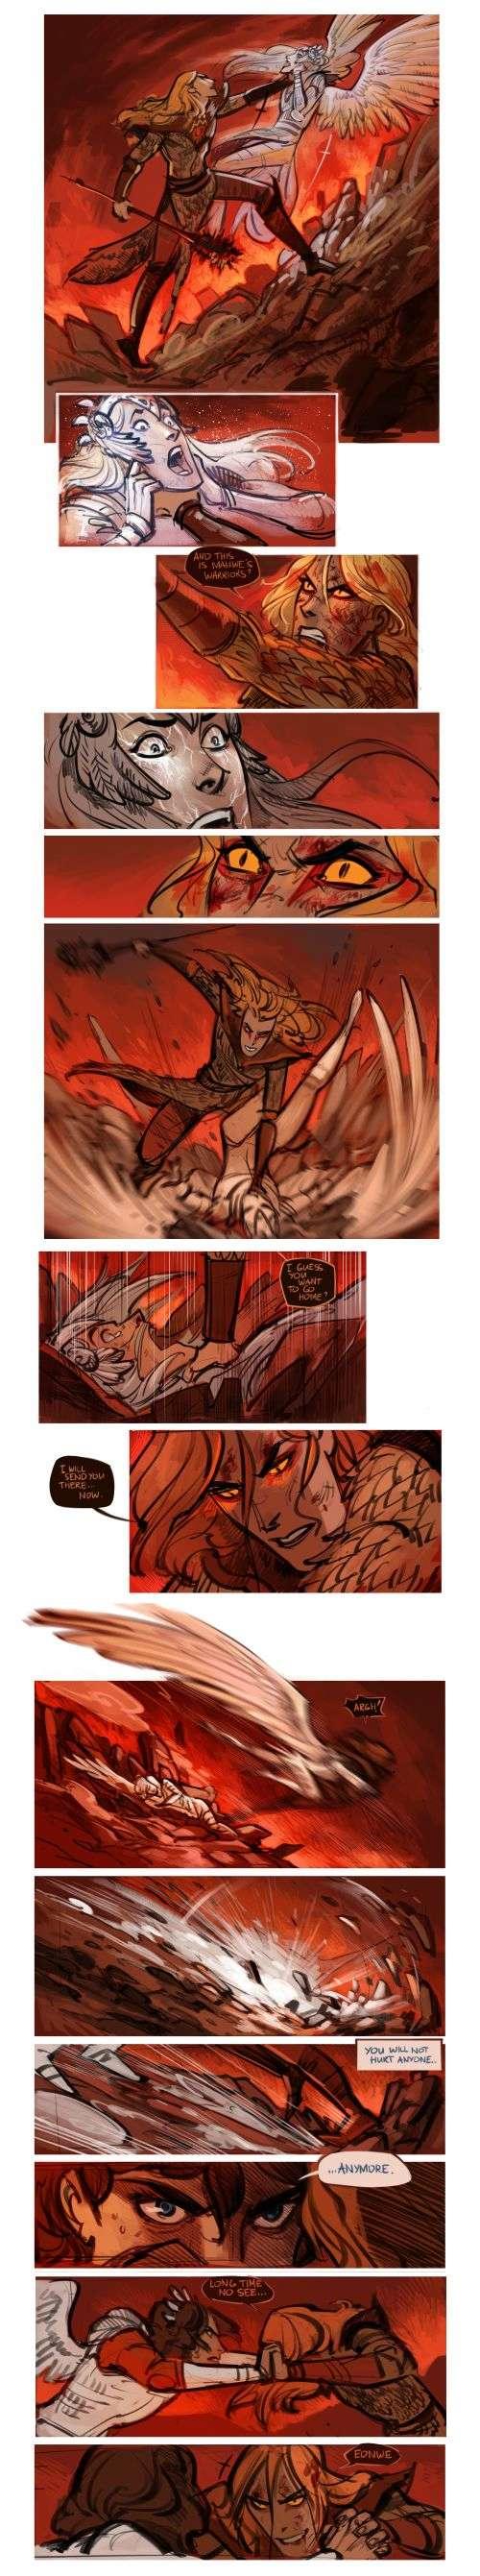 Mairon - The fire-hearted Maia & SAURON  61e88e10